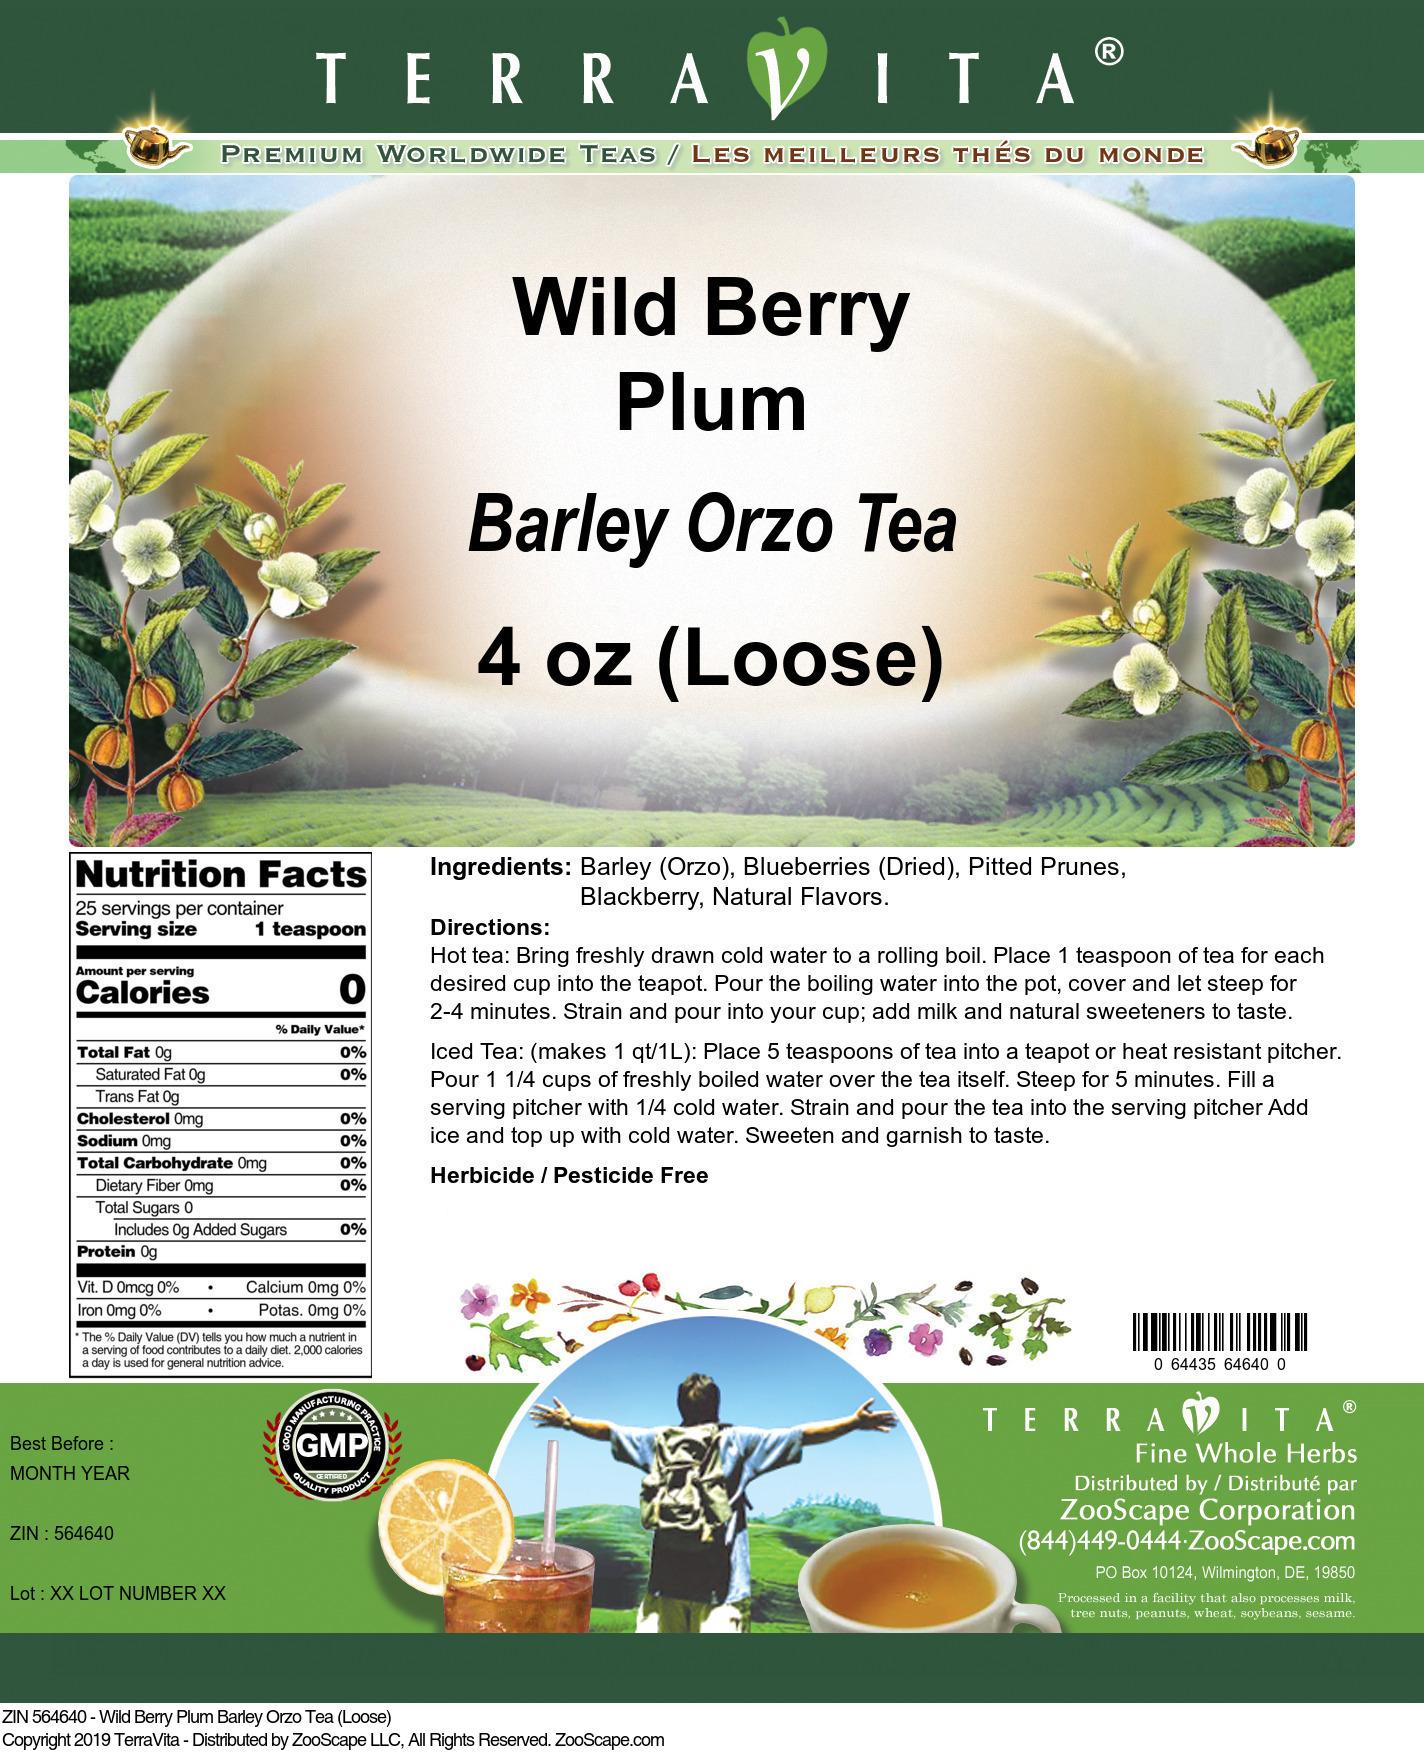 Wild Berry Plum Barley Orzo